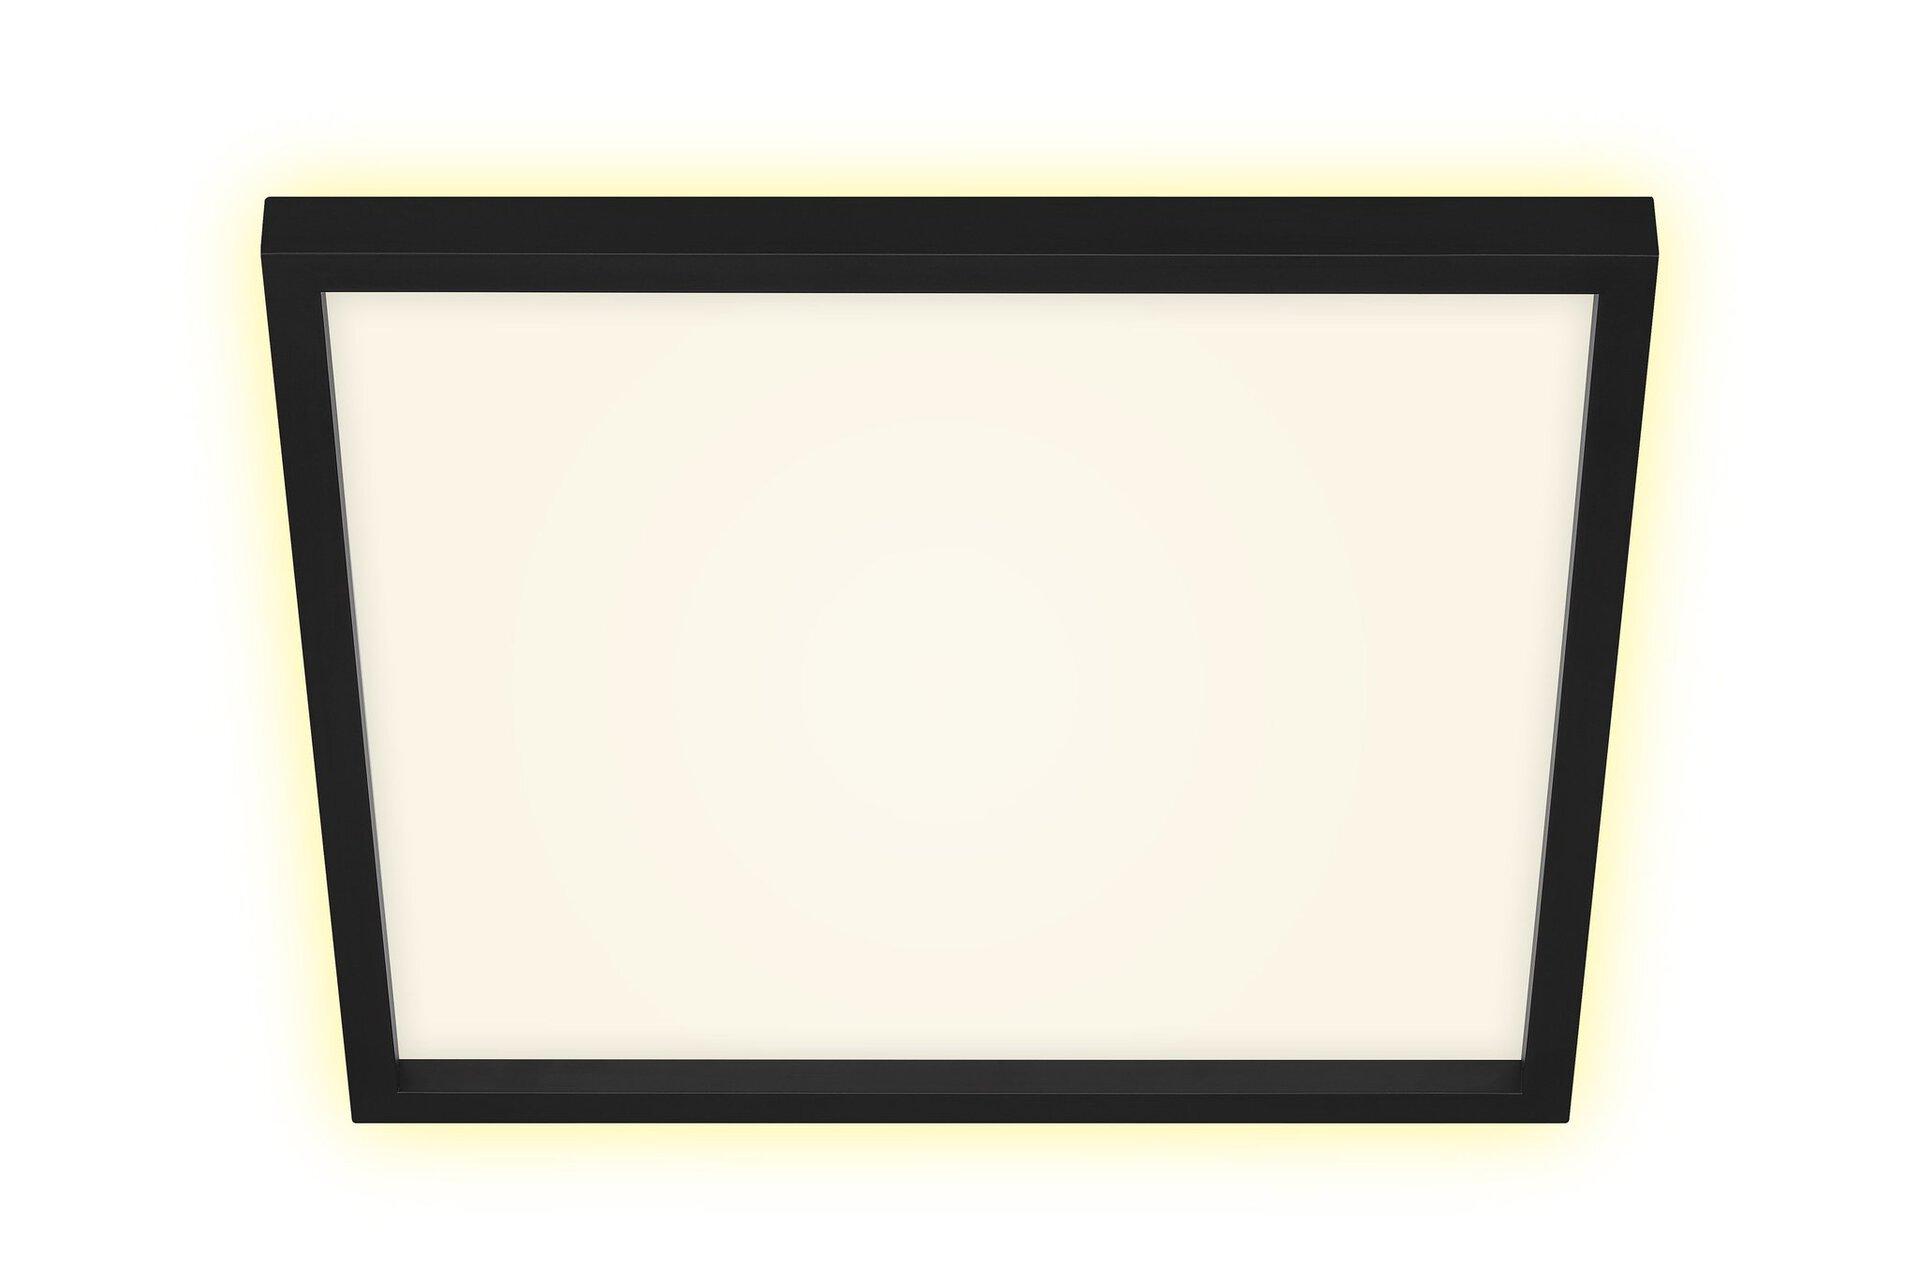 Deckenleuchte CADRE Briloner Metall schwarz 42 x 4 x 42 cm